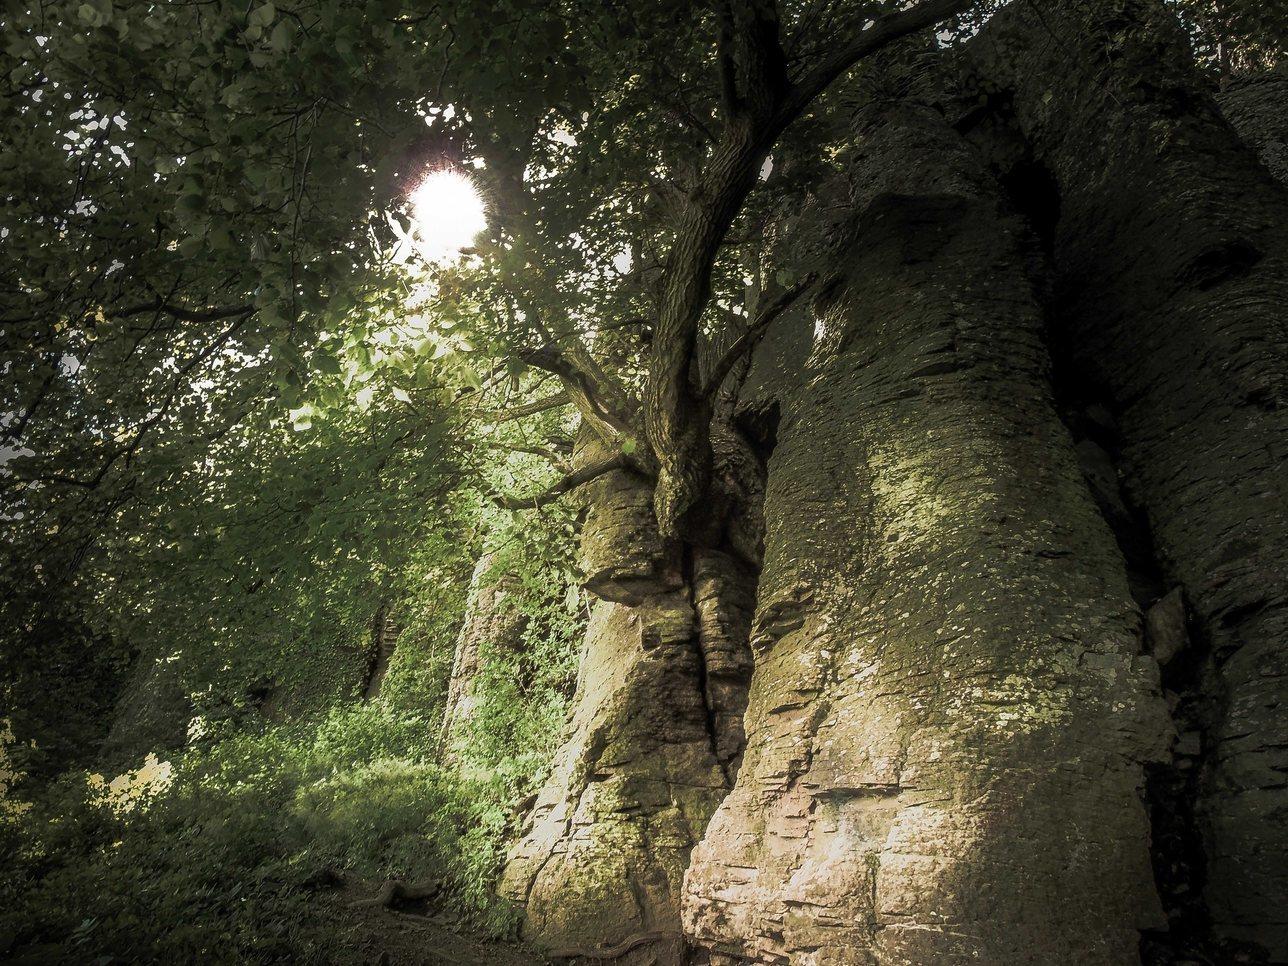 Arbre entre les colonnes de basalte Fa Bazalt Oszlop